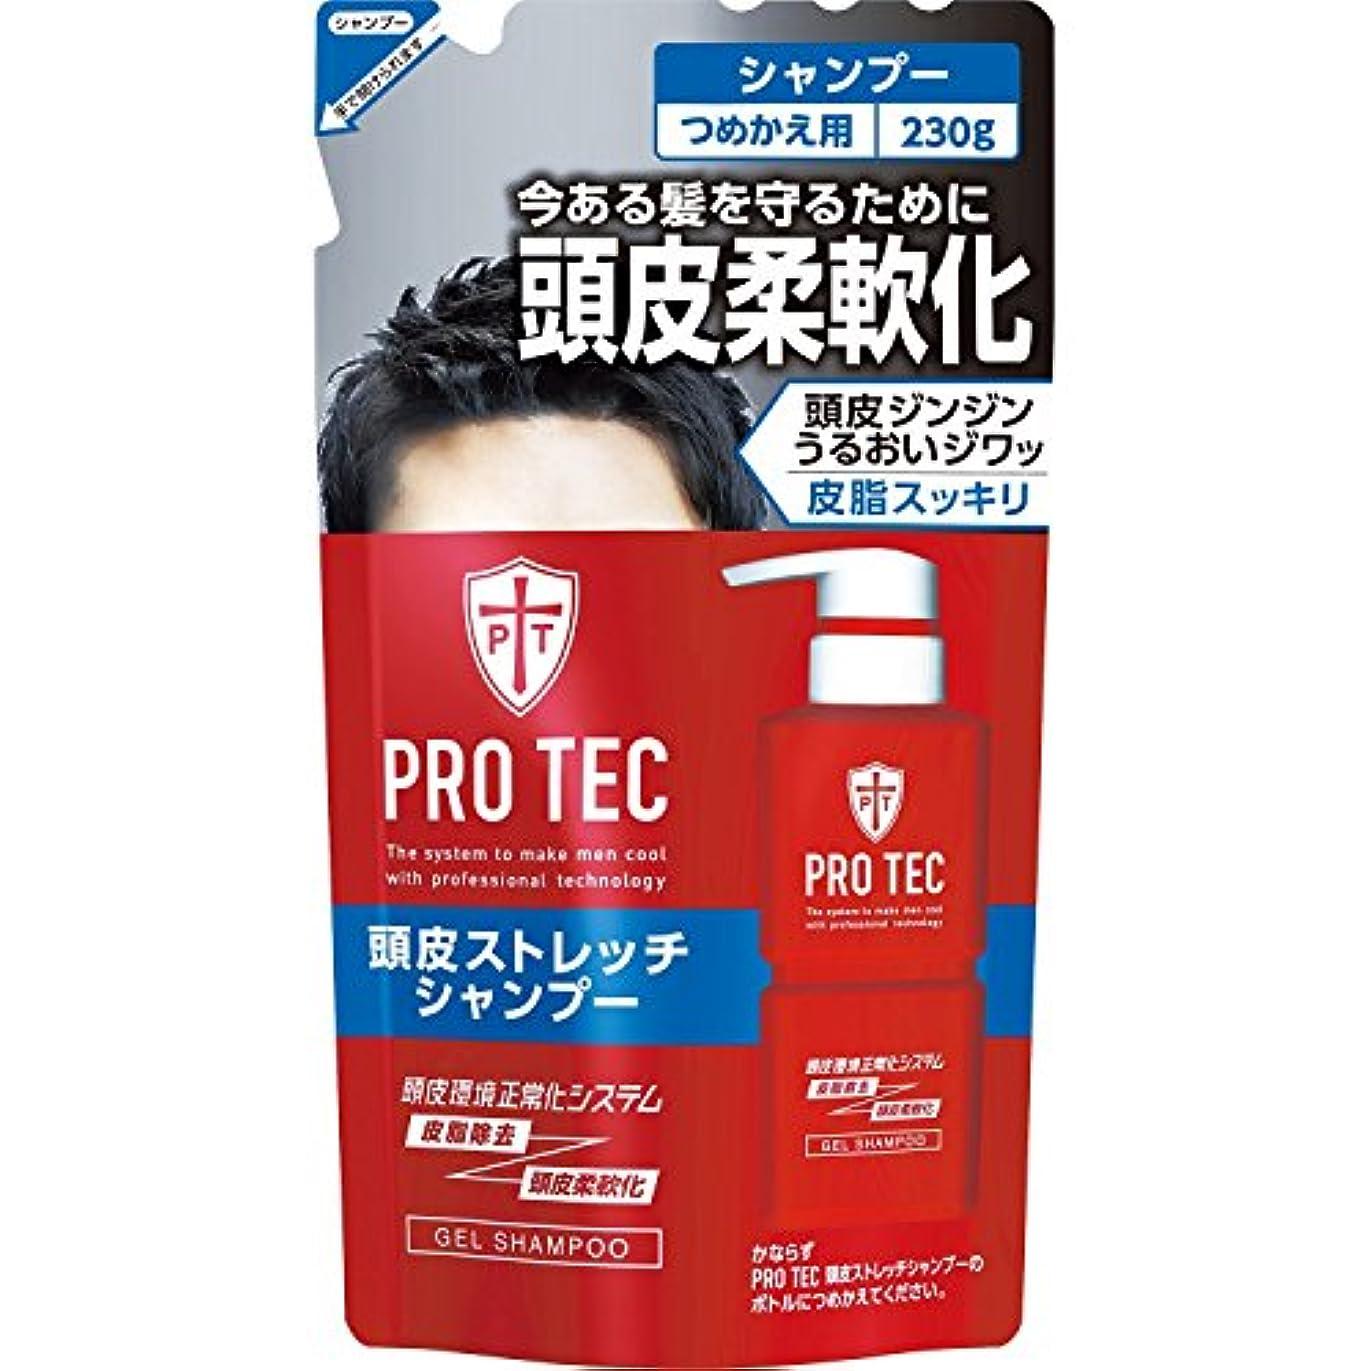 影担保ファンドPRO TEC(プロテク) 頭皮ストレッチ シャンプー 詰め替え 230g(医薬部外品)